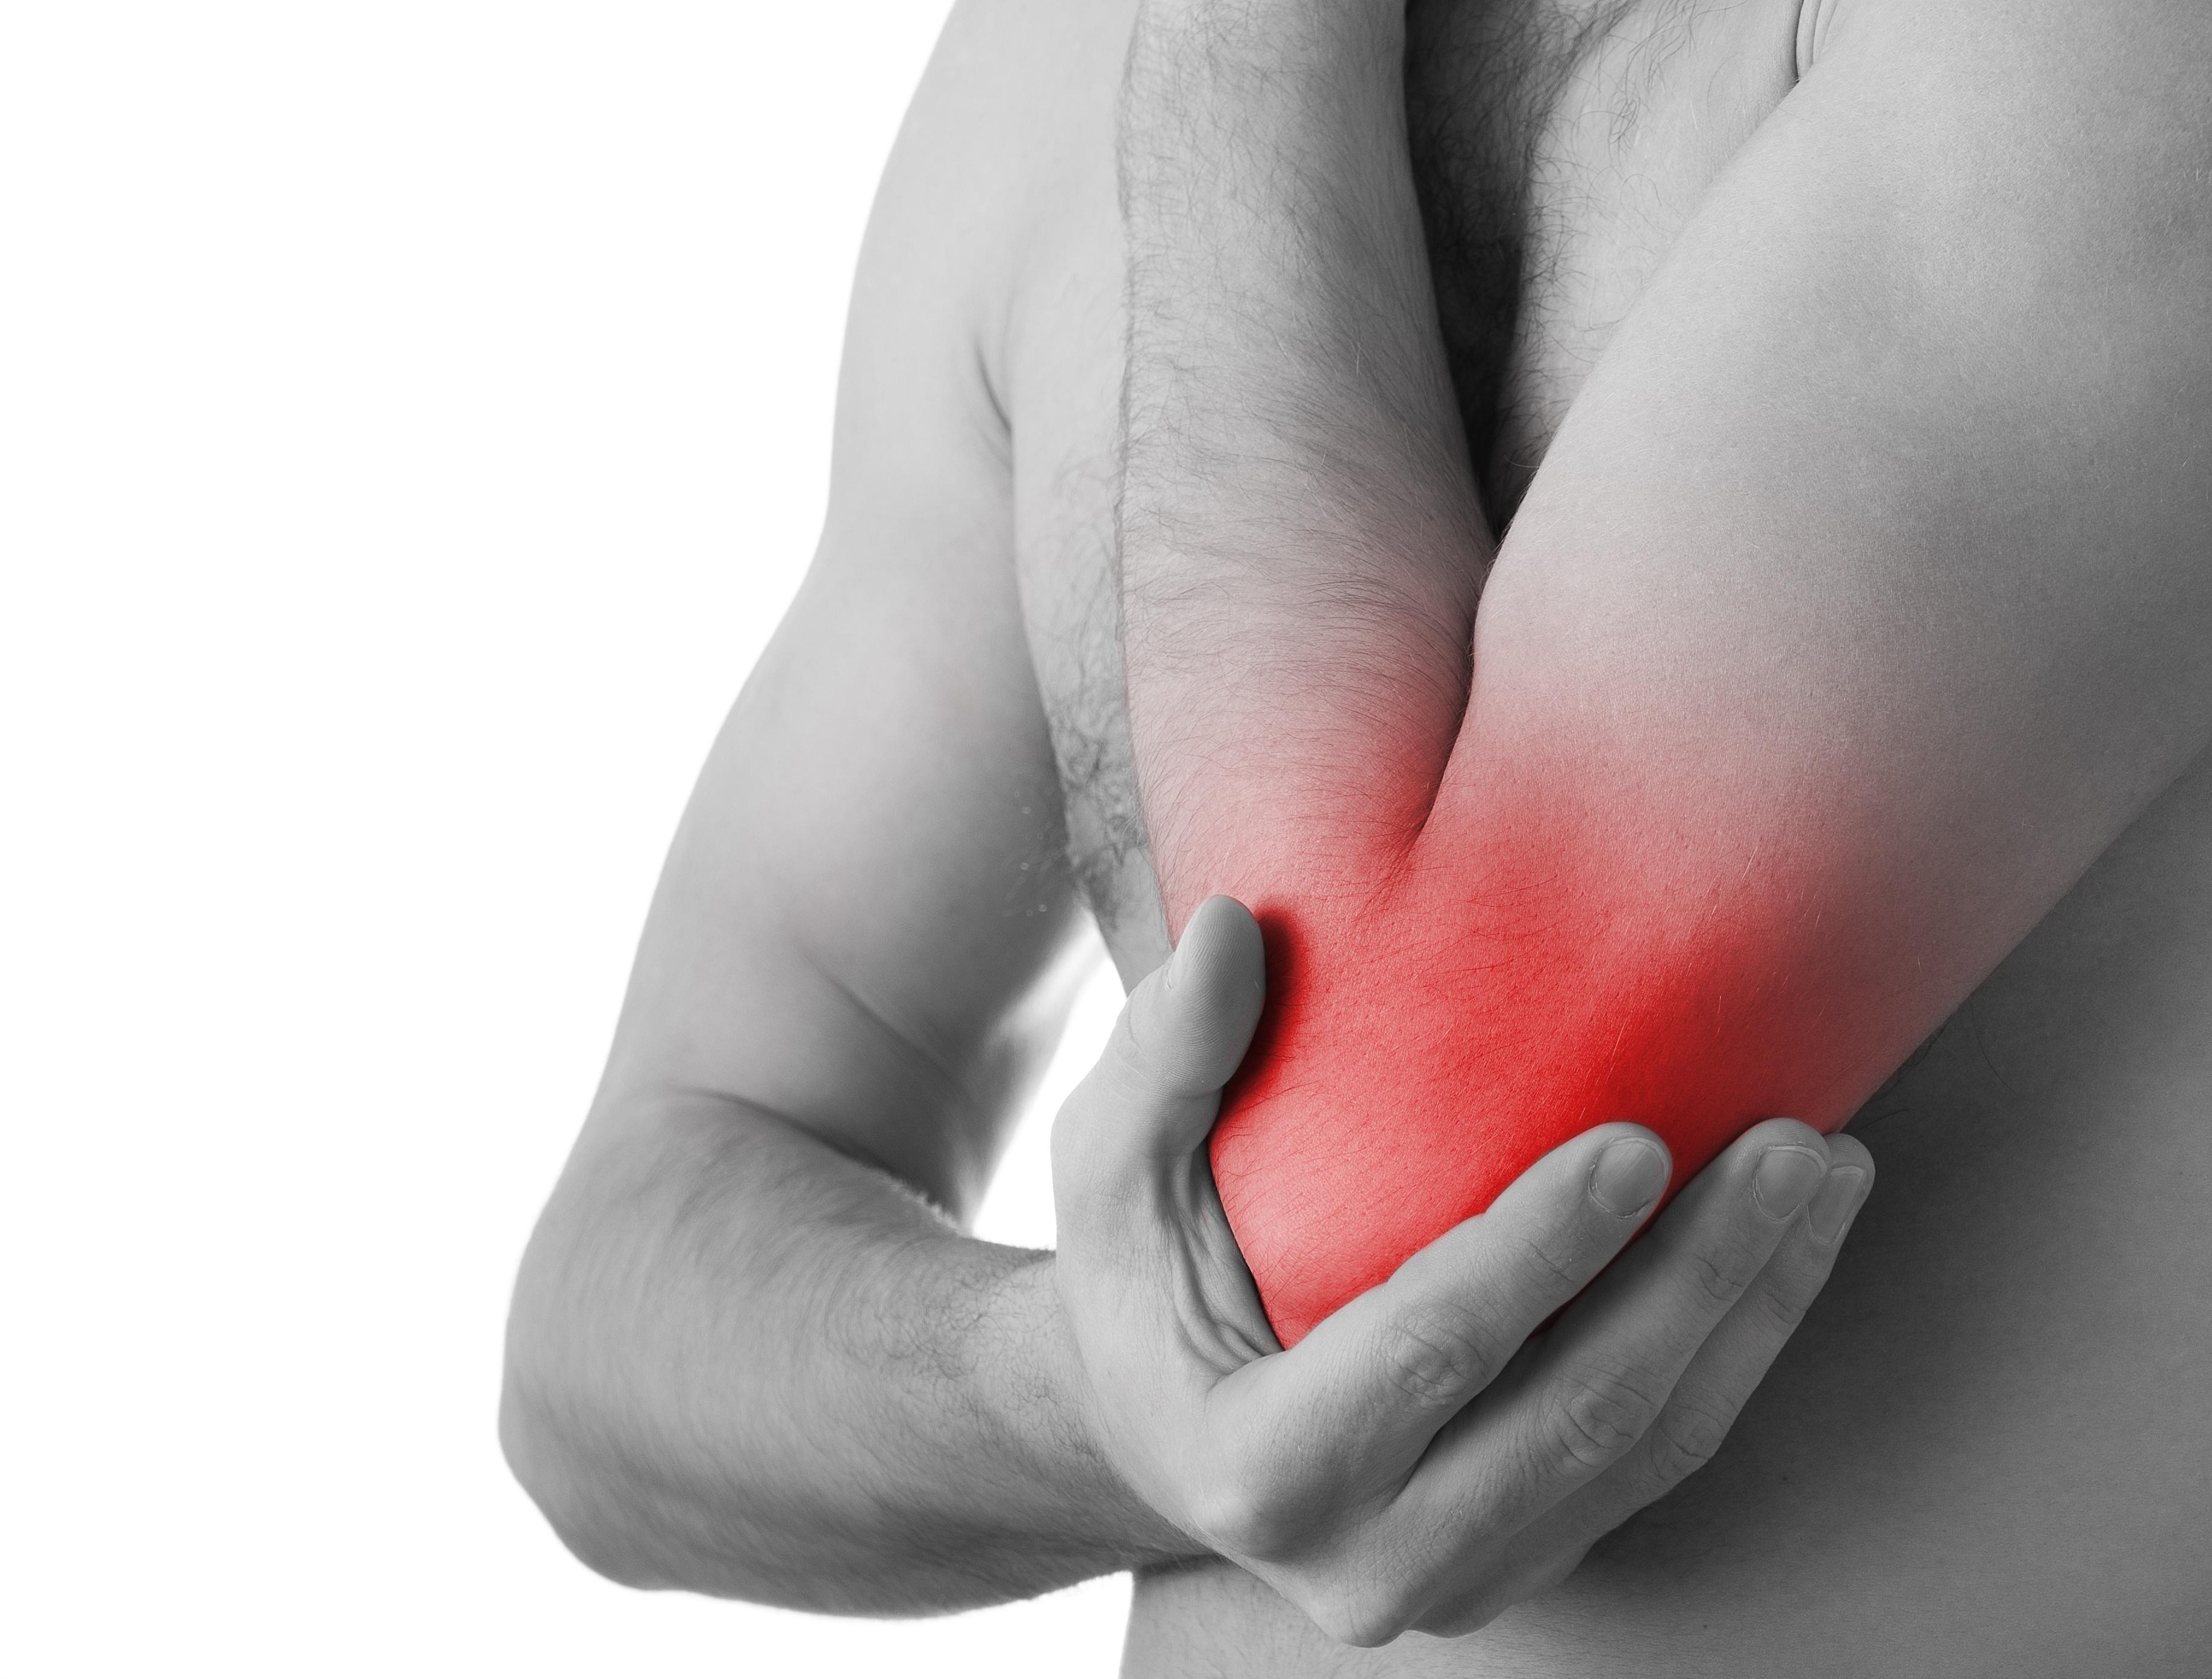 könyökízület fáj edzés után